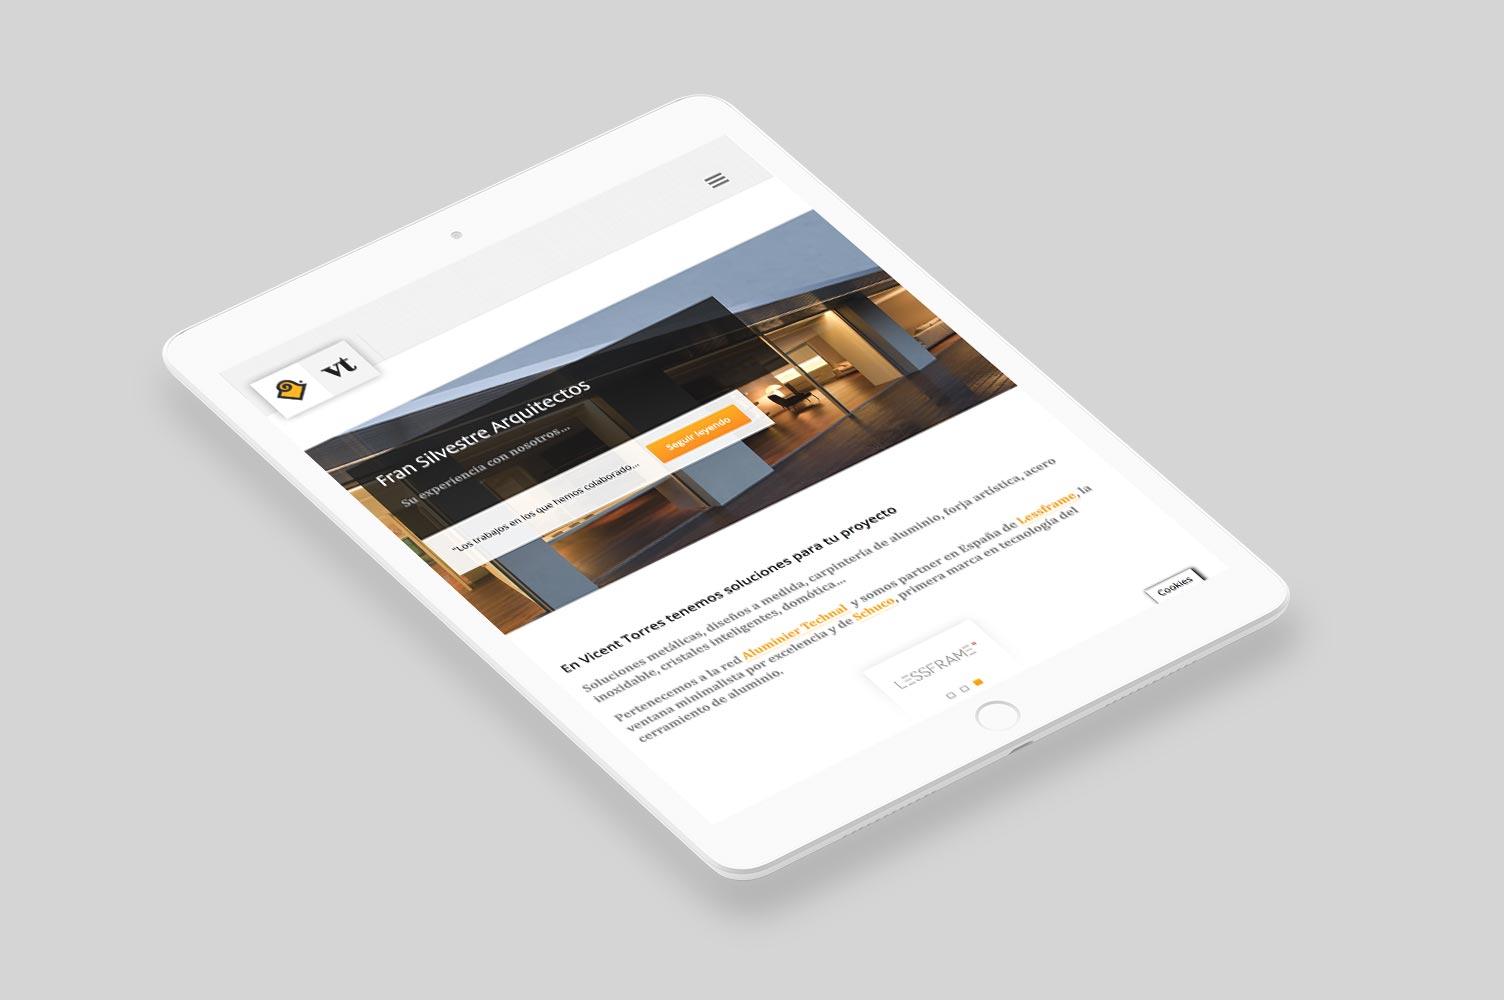 Diseño responsive para web Vicent Torres versión tablet